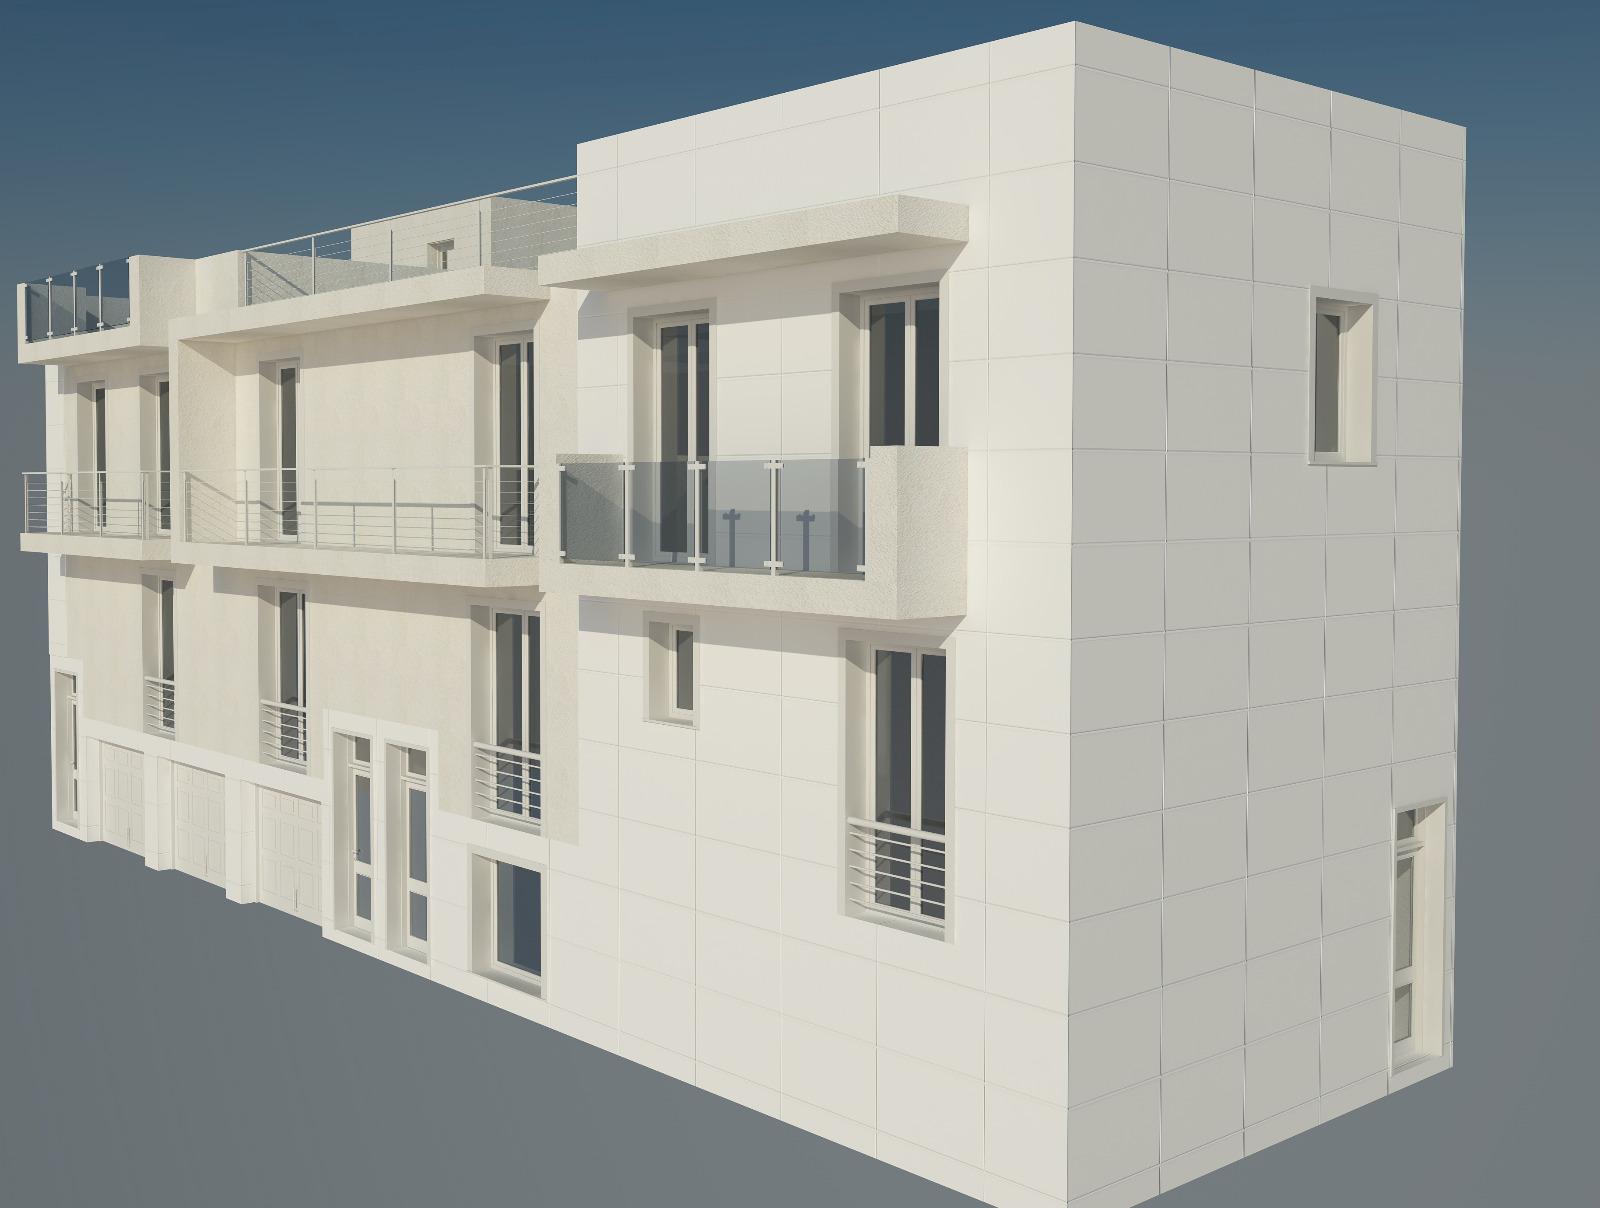 Appartamenti nuove costruzione in vendita, da 3-4 vani e servizi